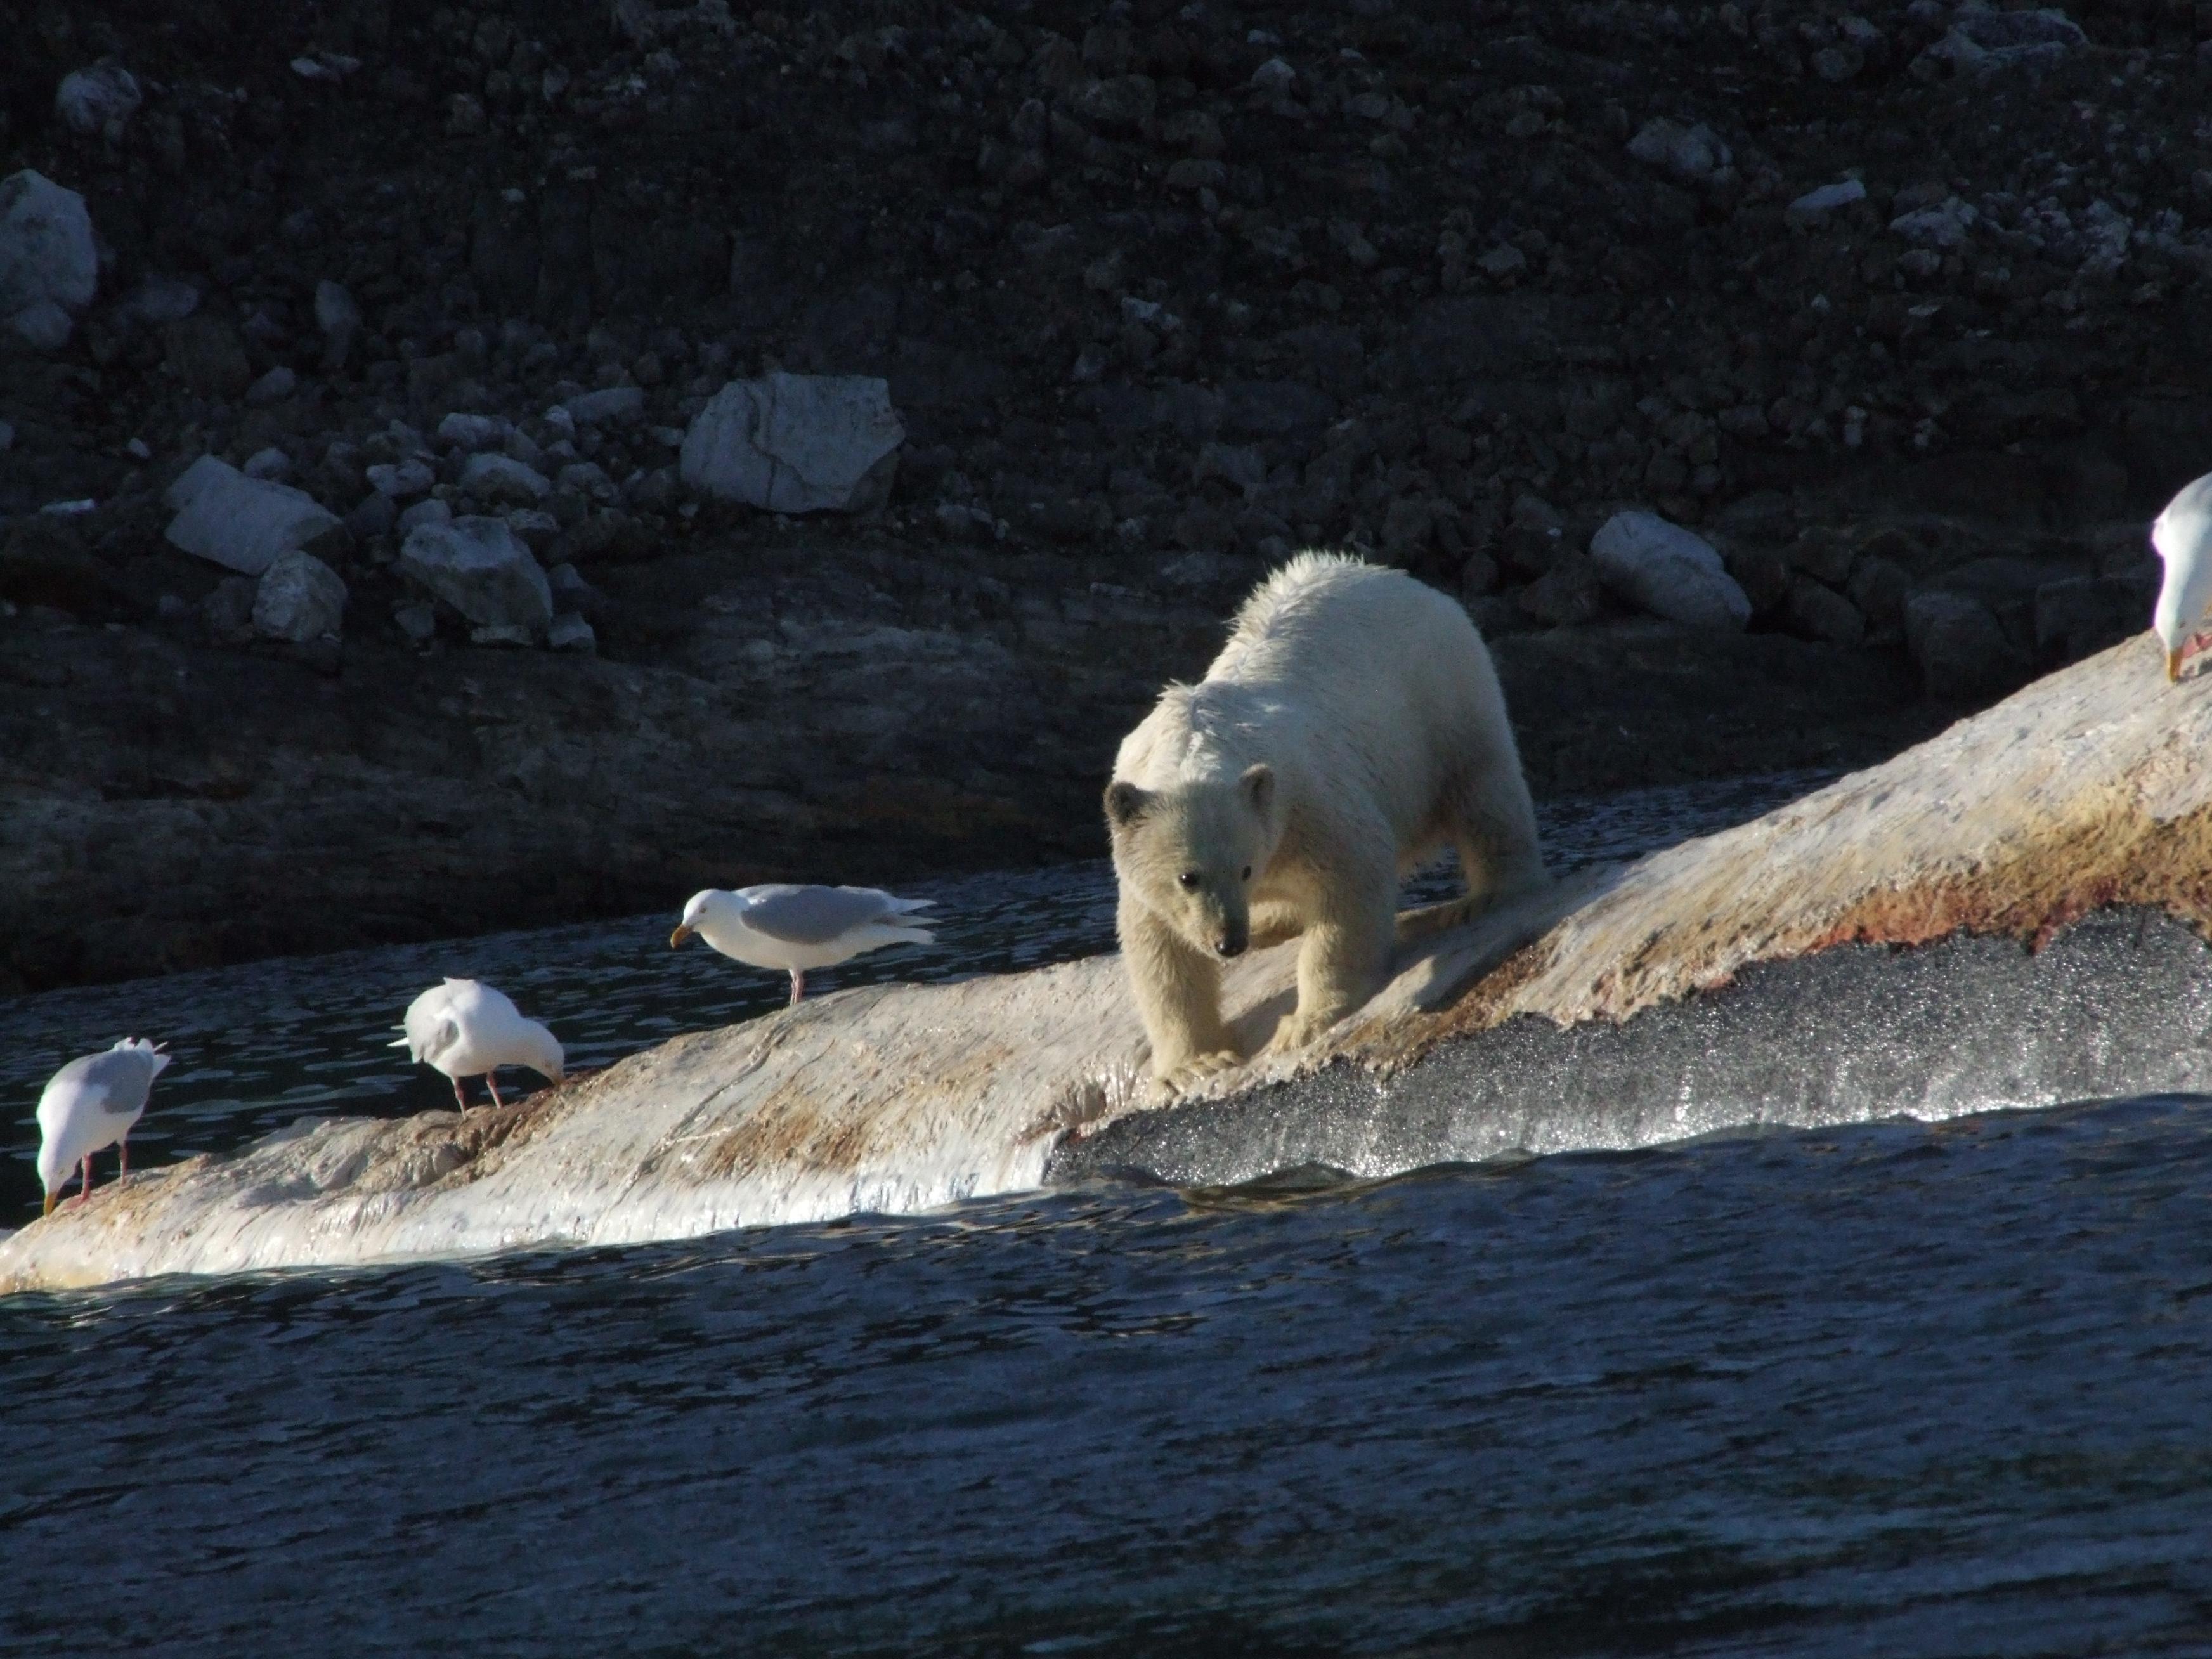 ארכיפלג סבאלברד - הקוטב הצפוני